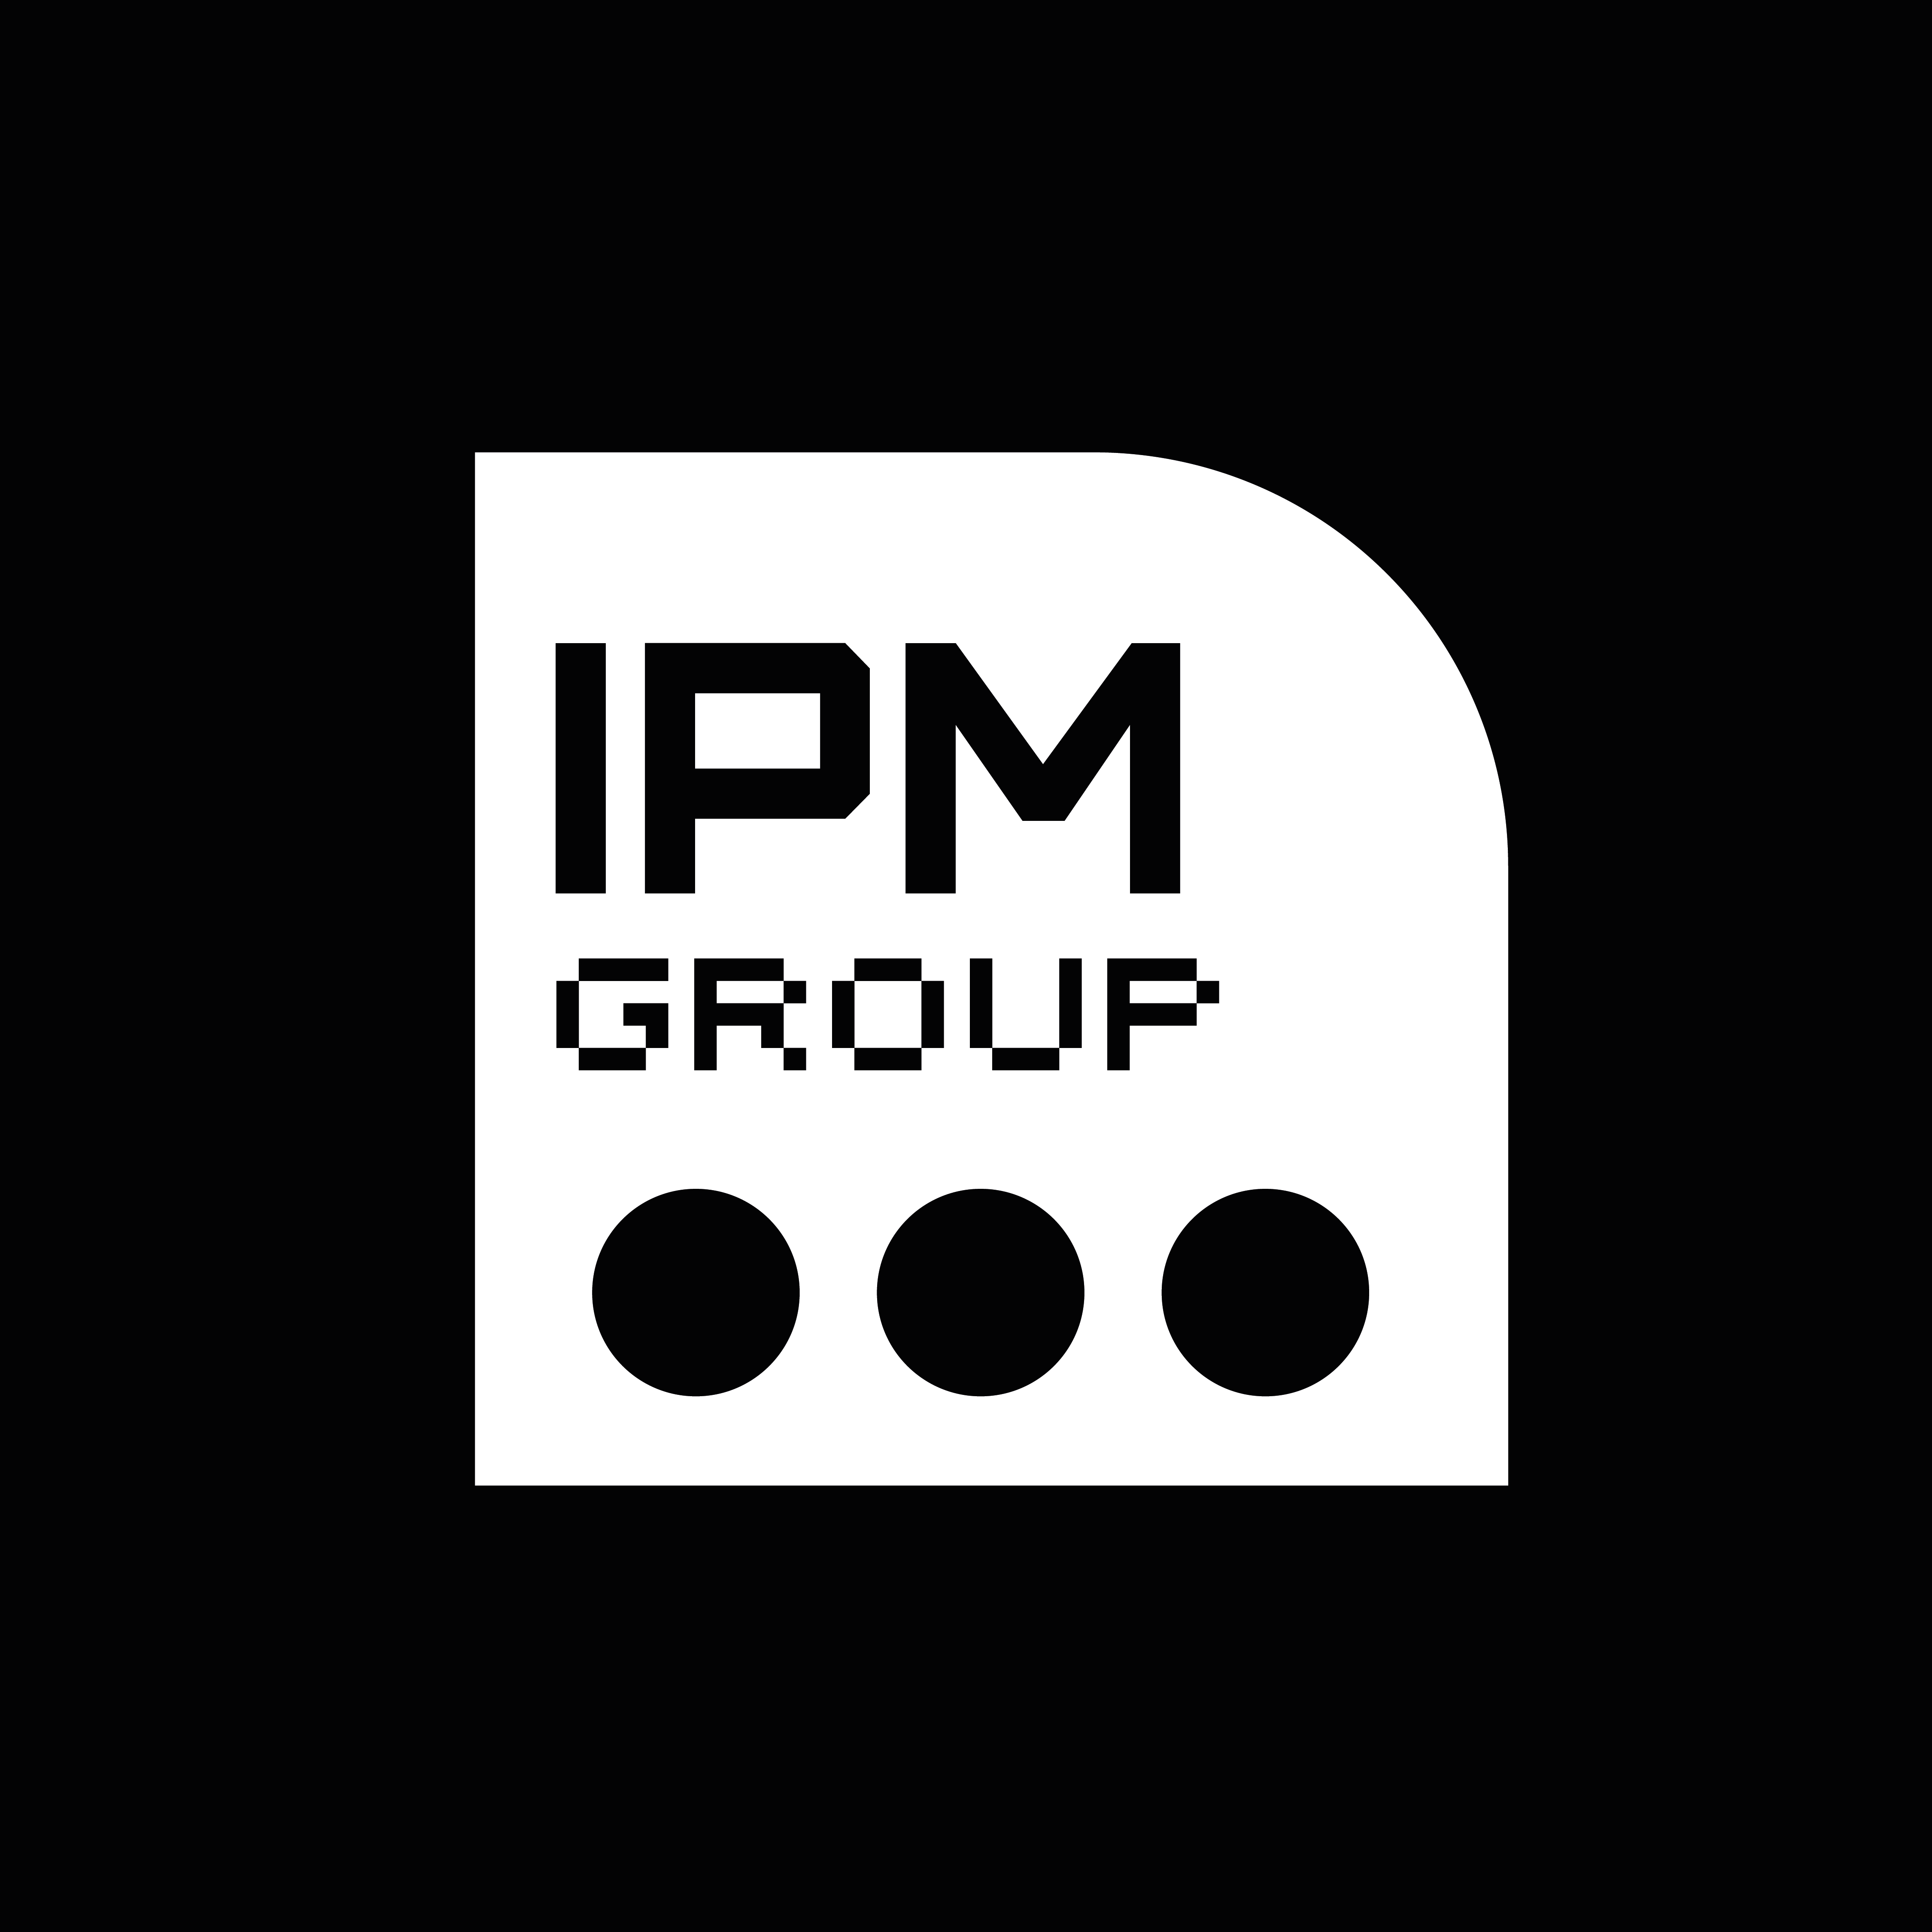 Разработка логотипа для управляющей компании фото f_7875f82c4f456fed.png